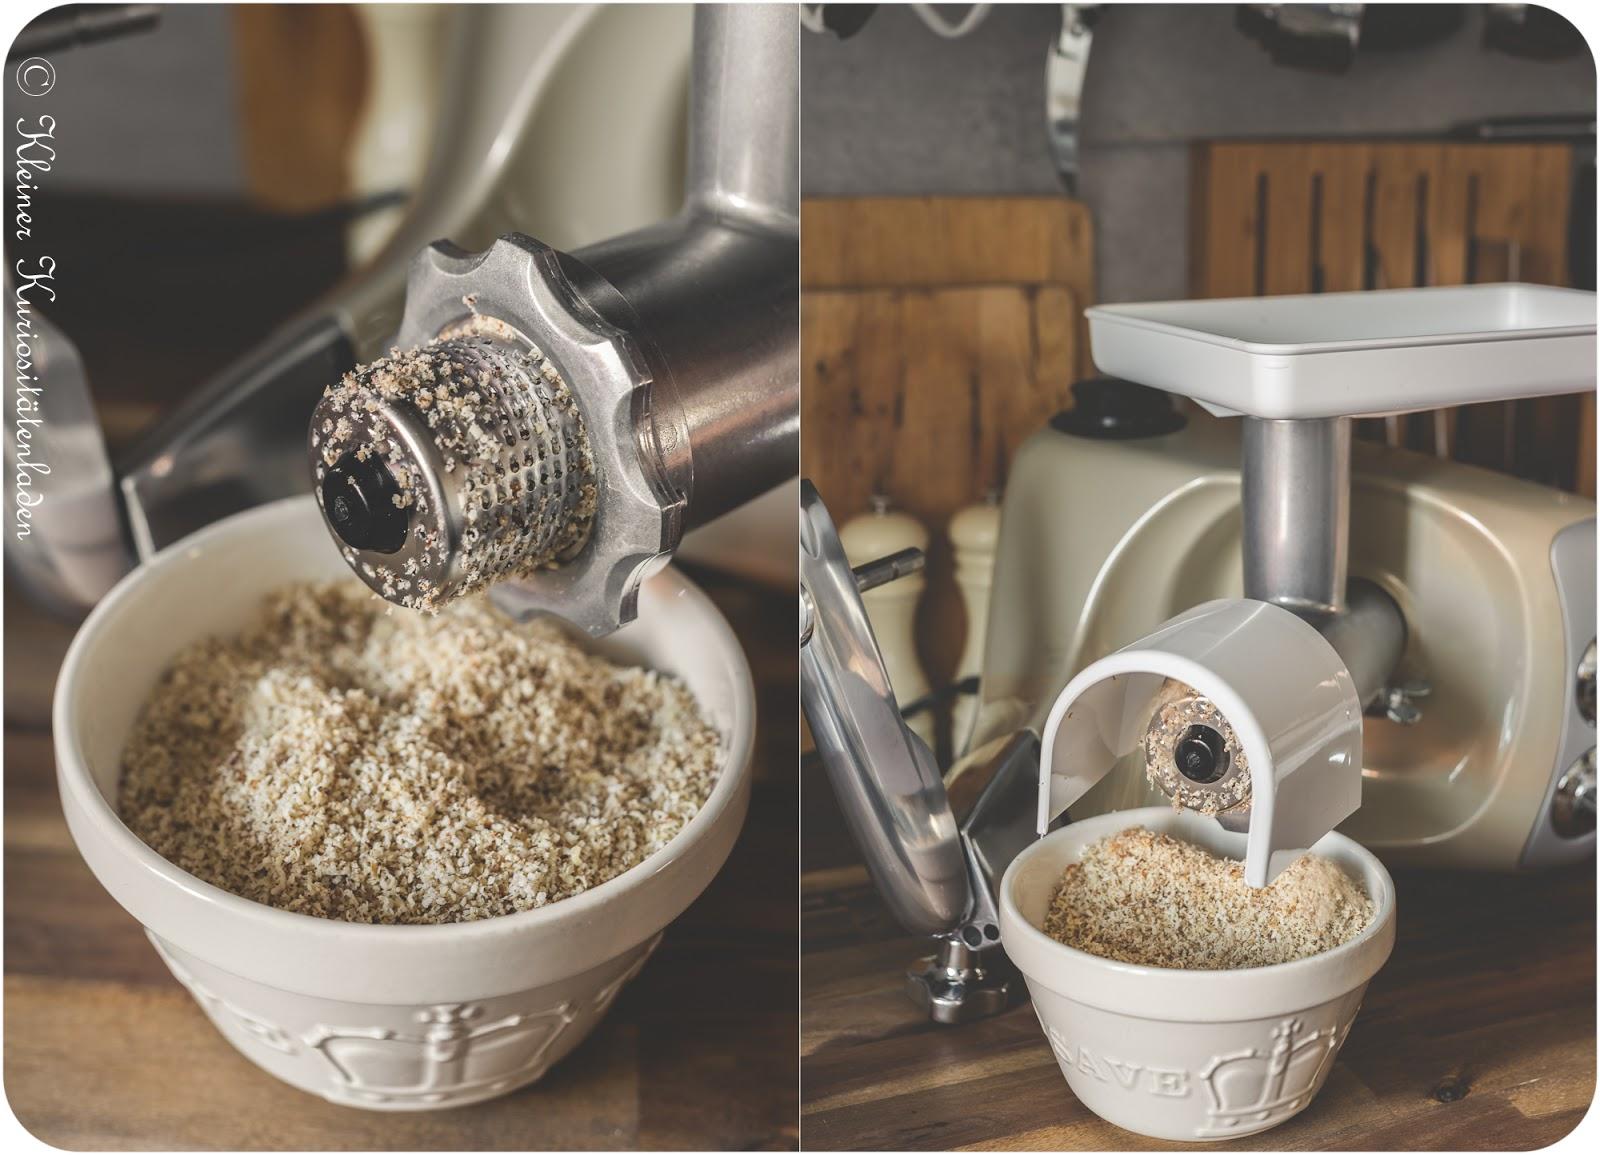 Ankarsrum Reibeaufsatz für Nüsse, Hartkäse und Schokolade